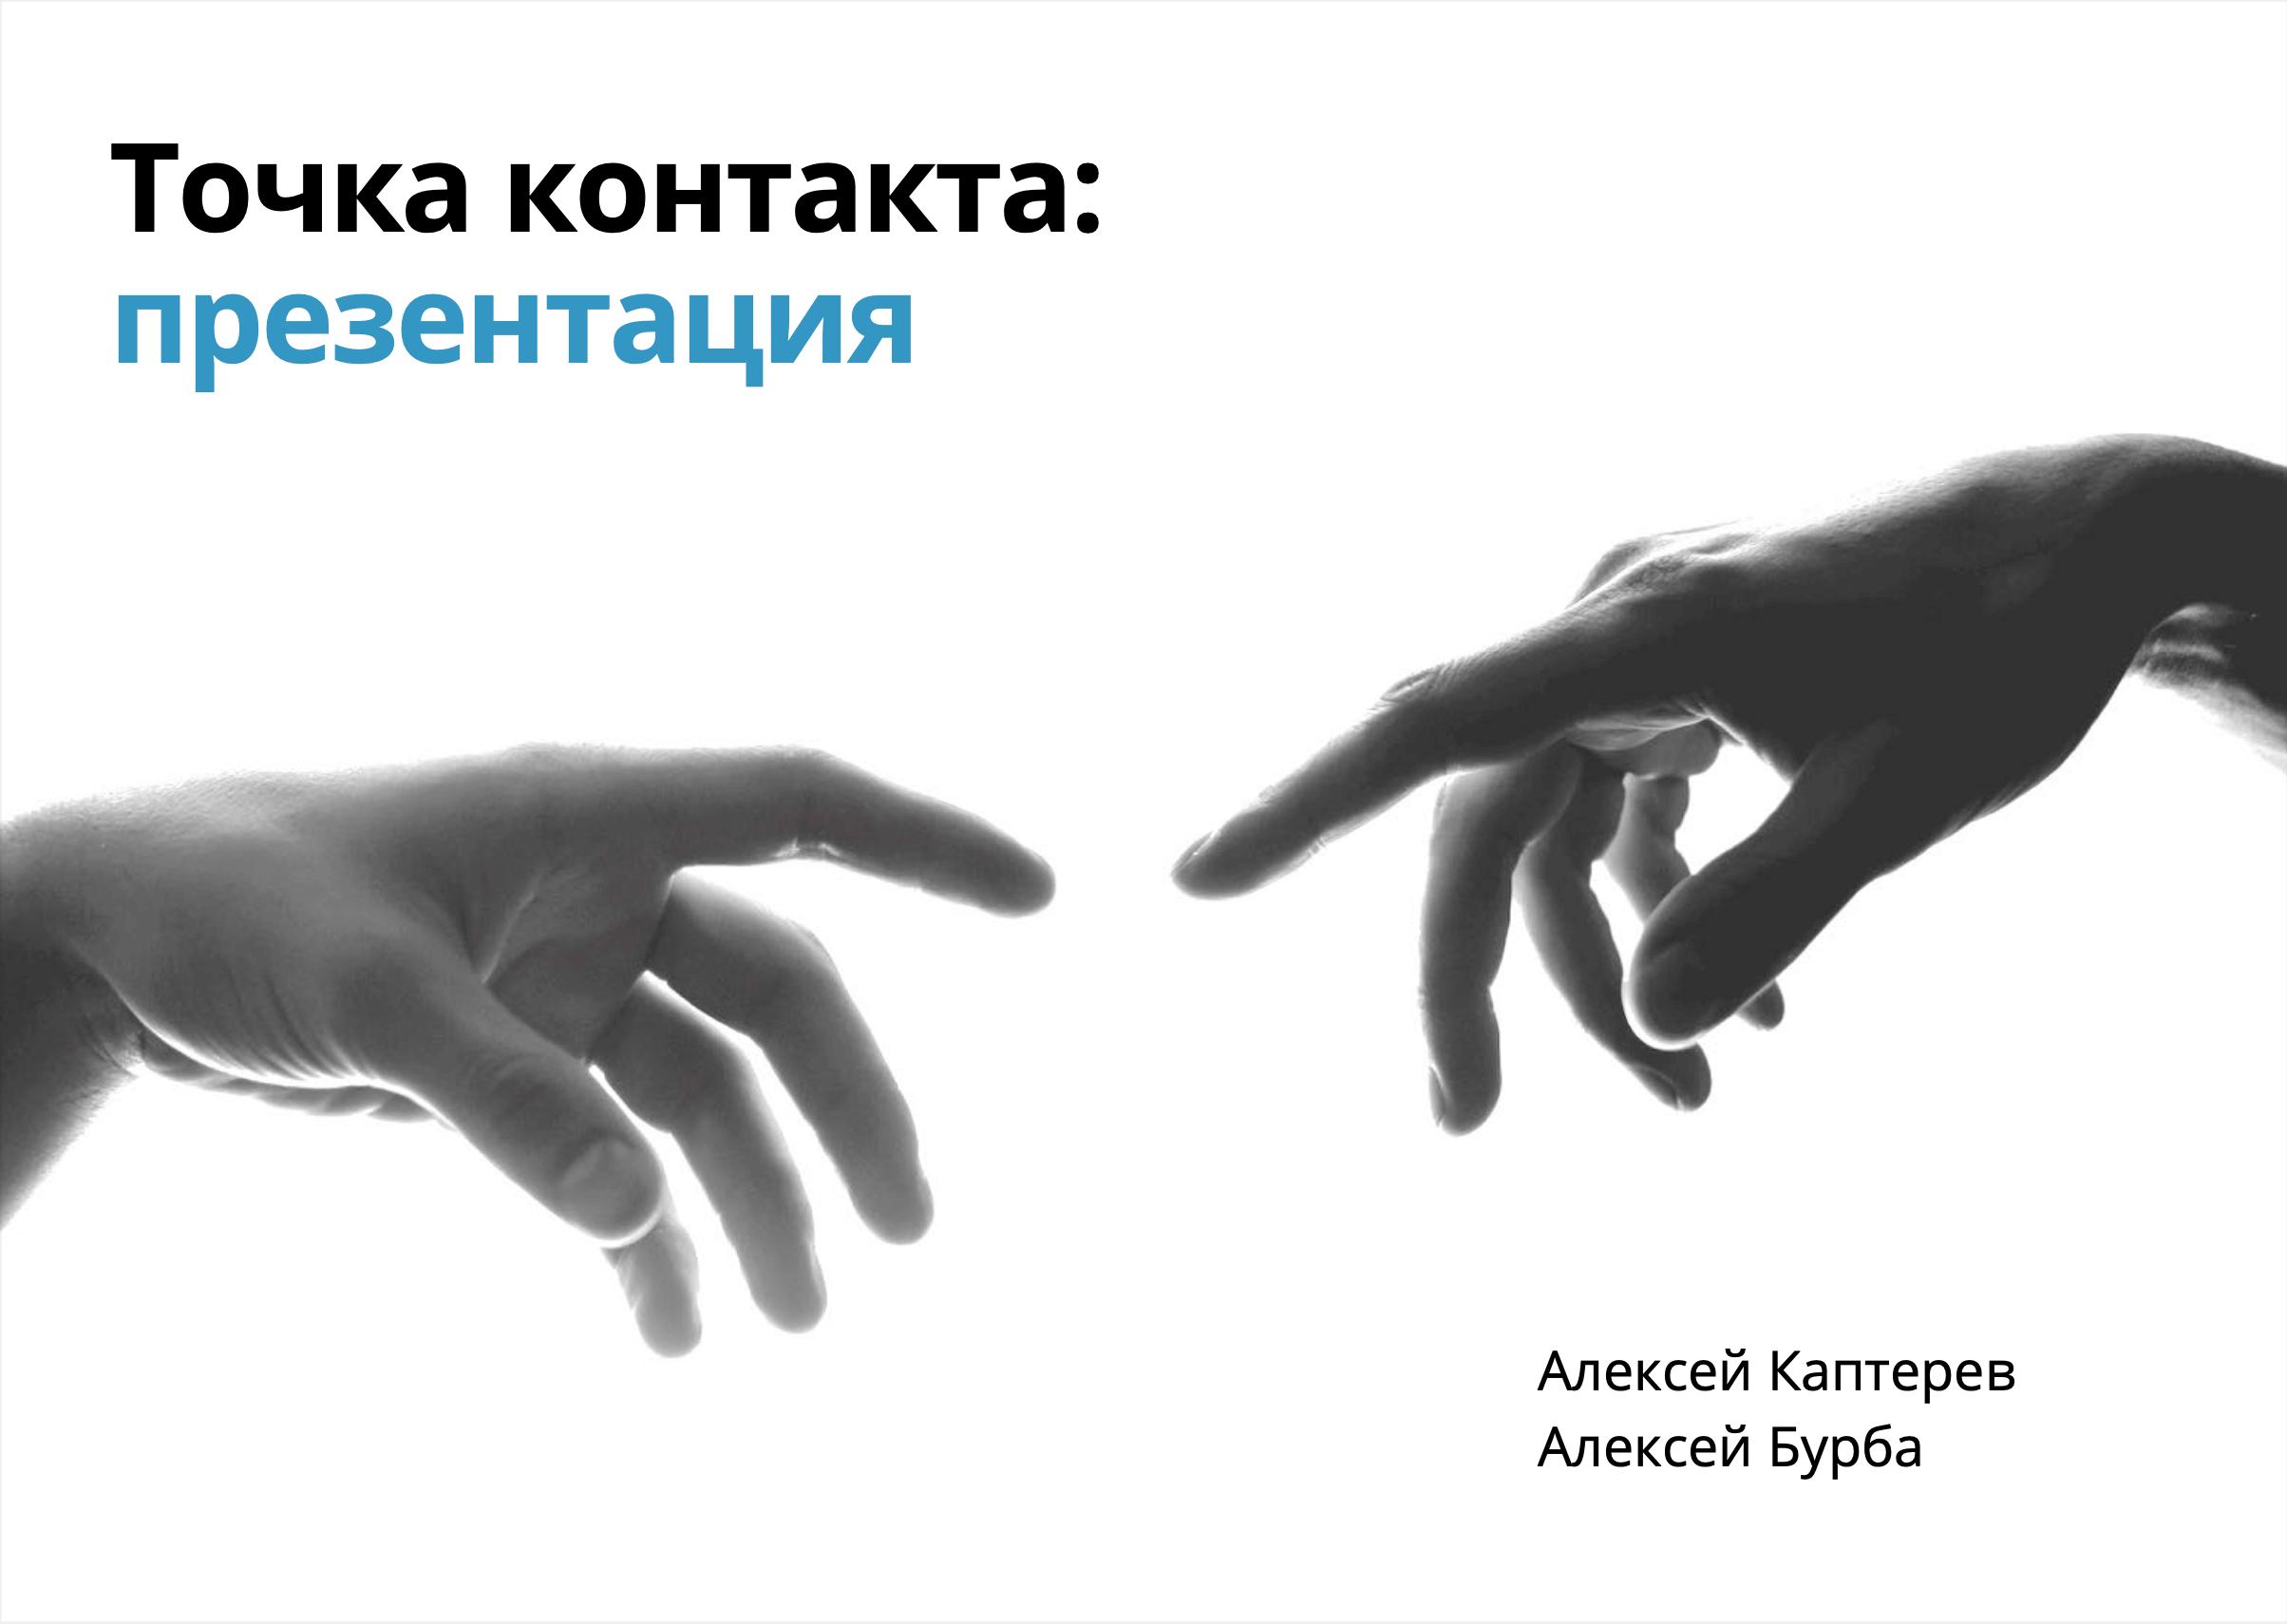 Точка контакта: презентация